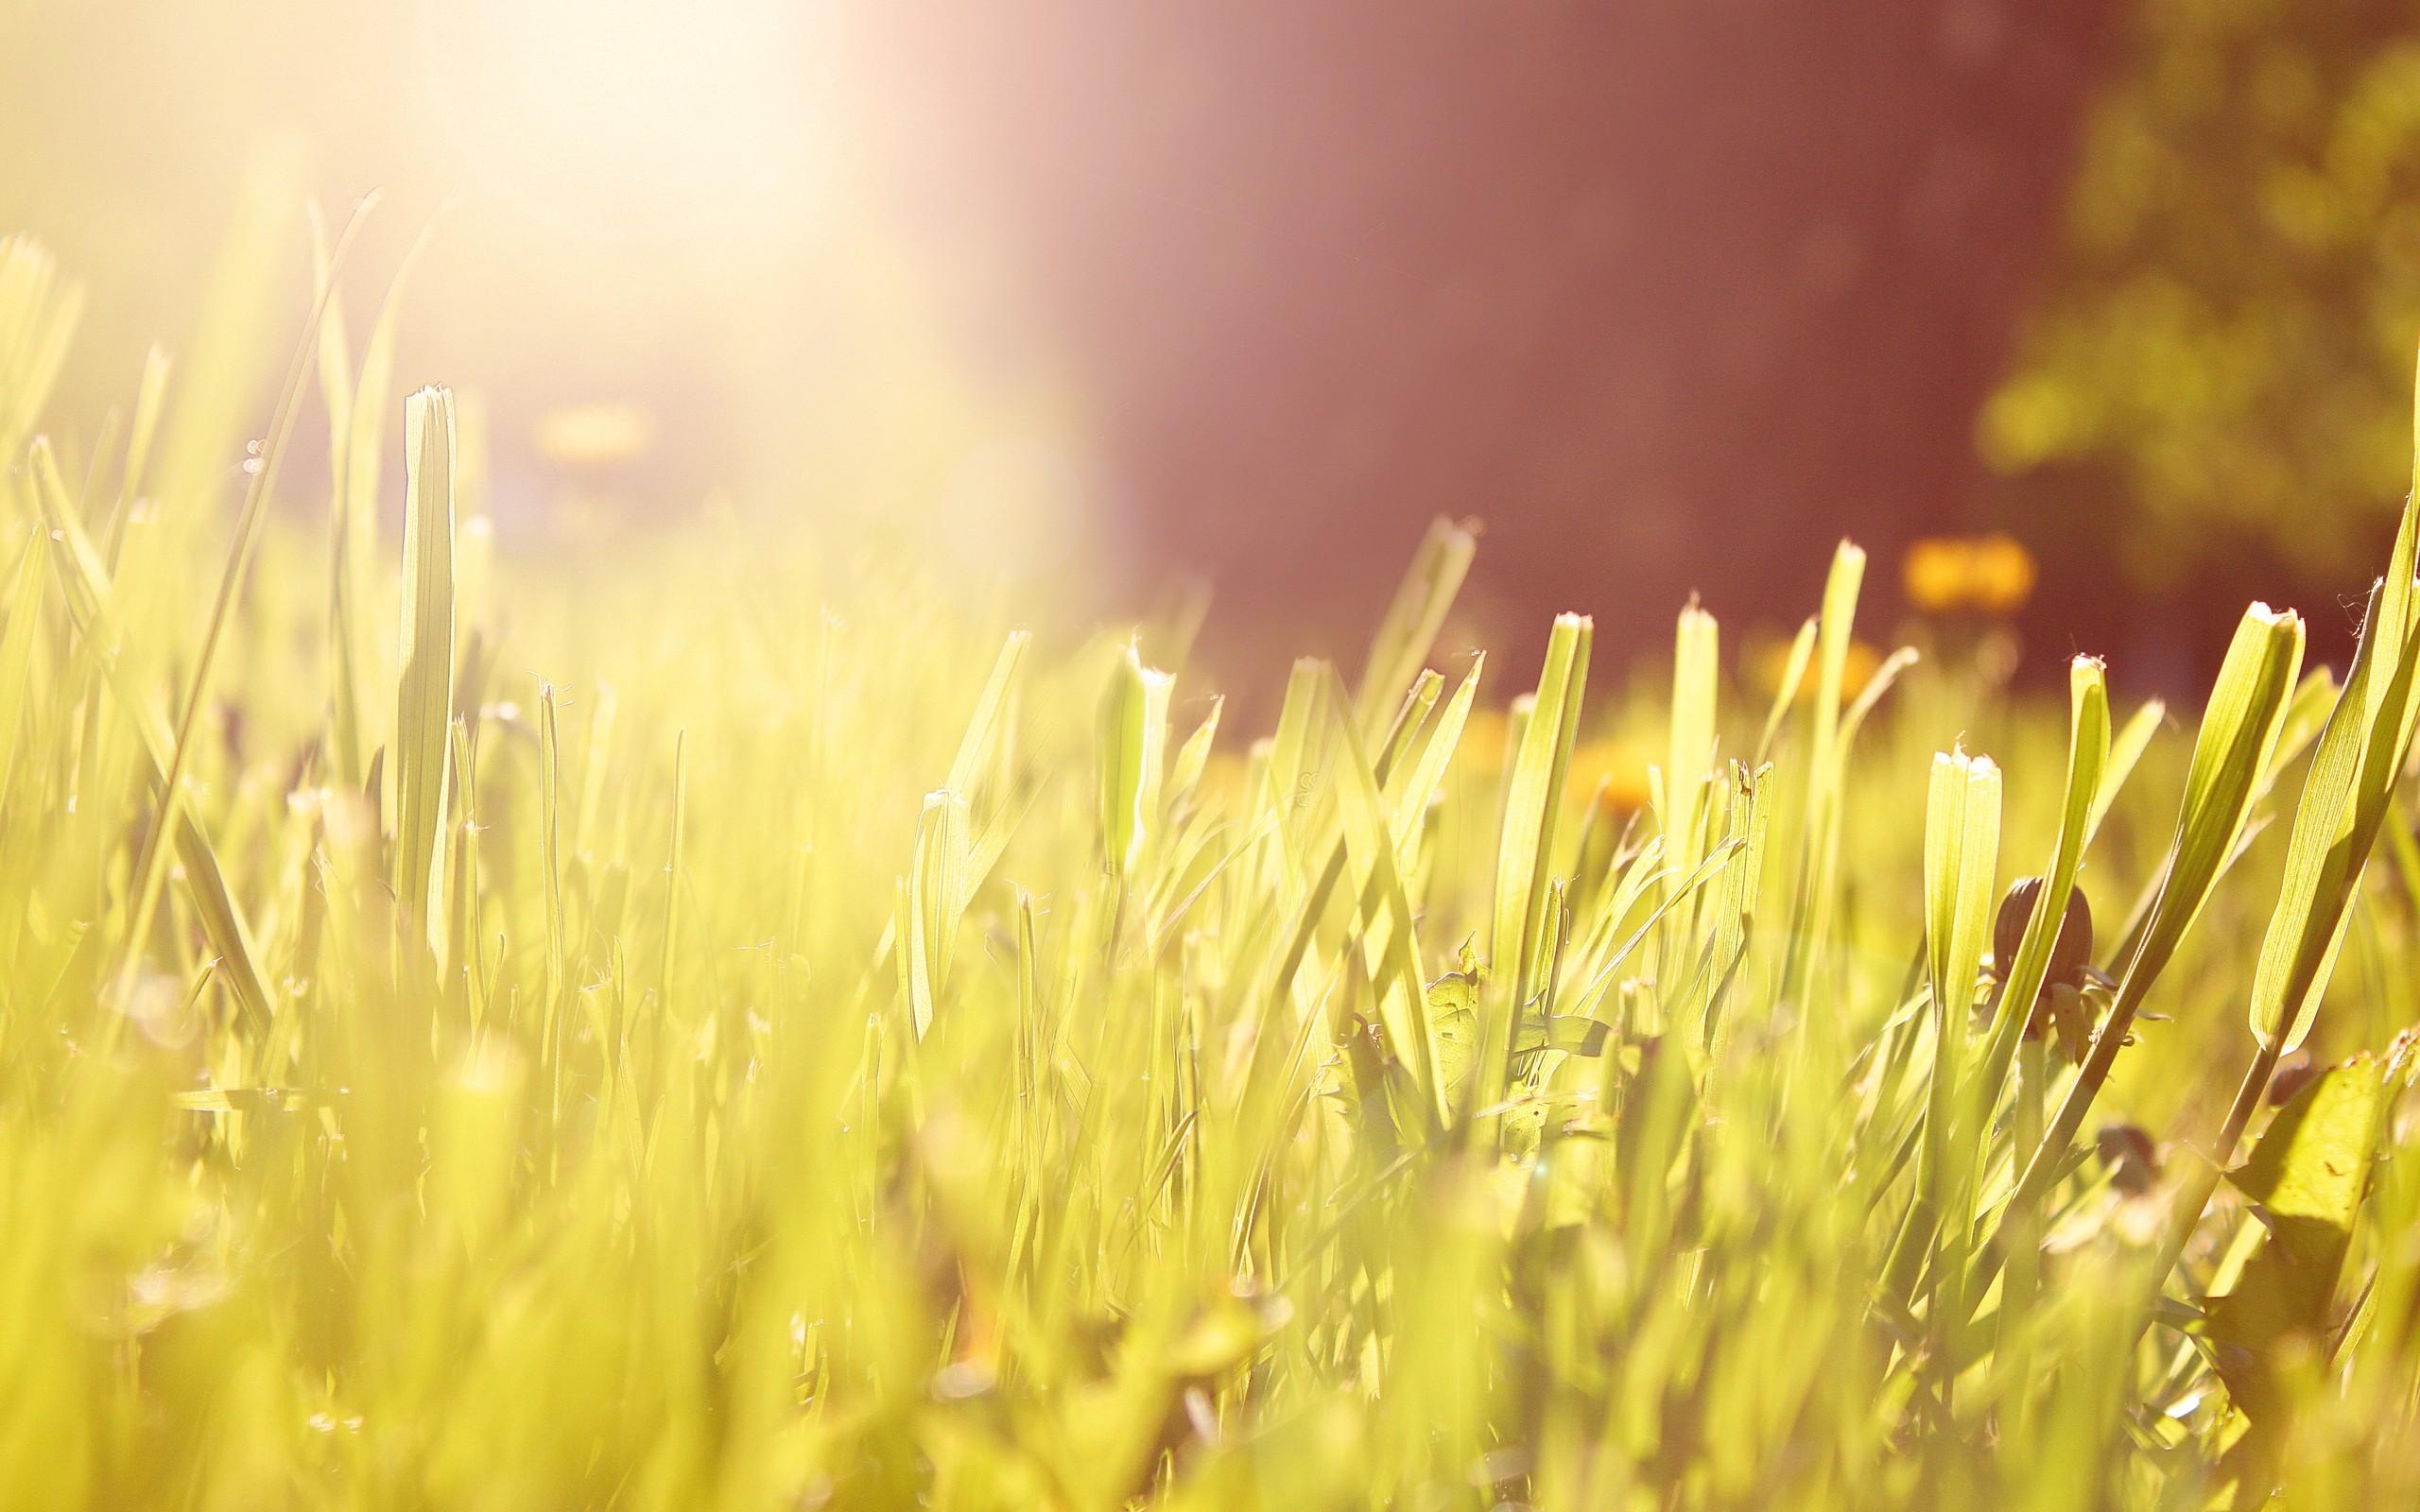 прямо лучи солнца на траве картинки открытки рамки